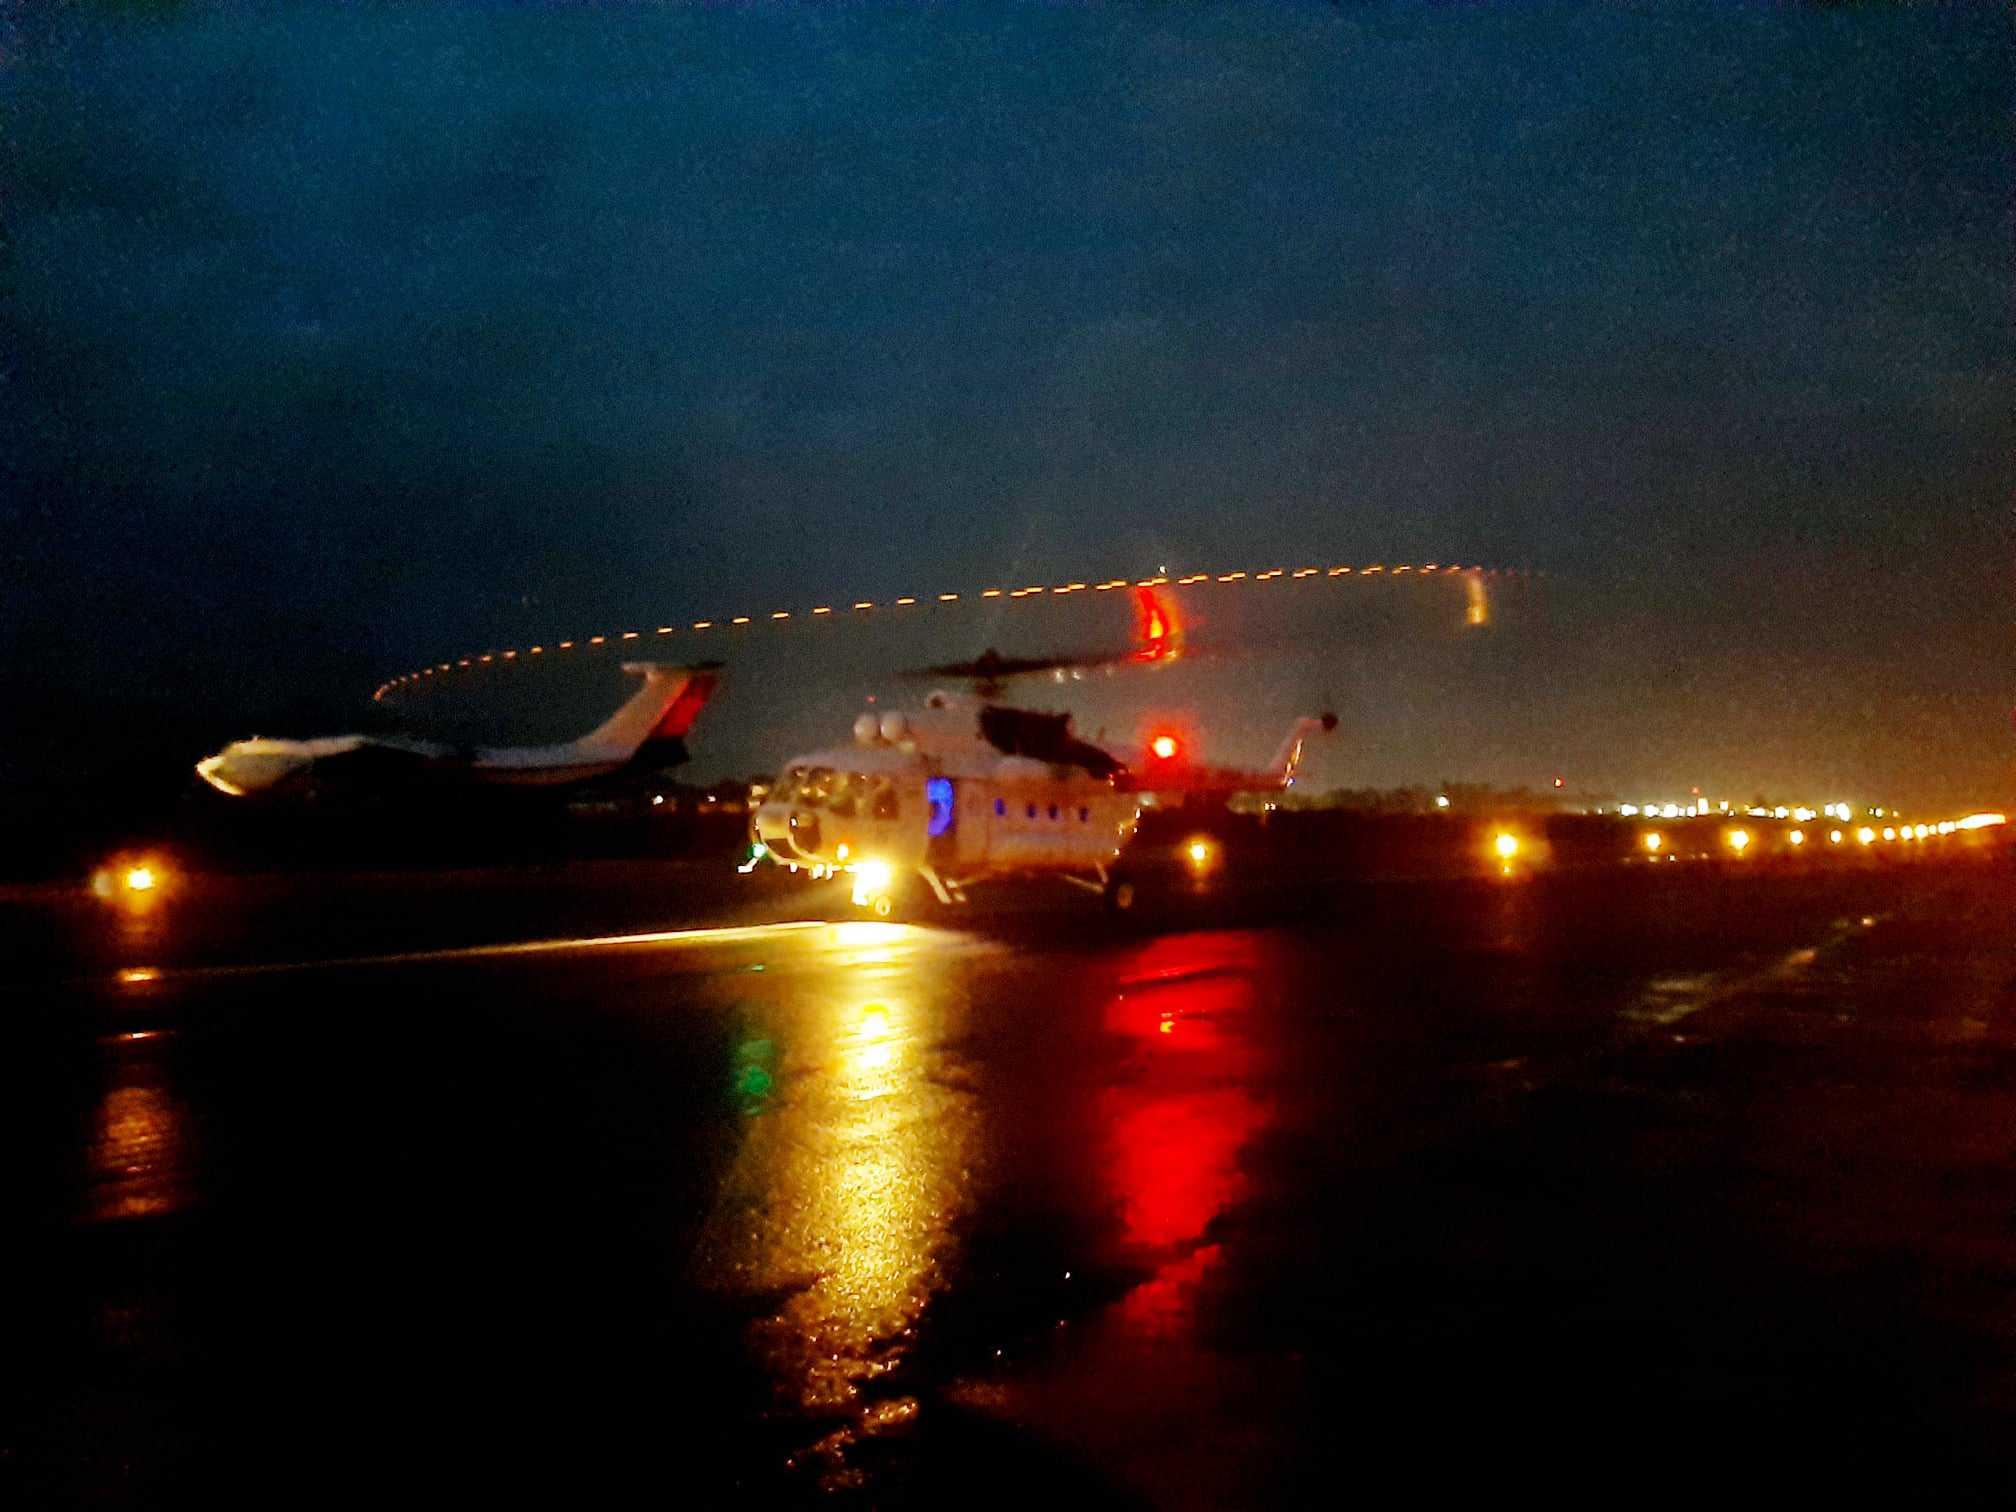 Гелікоптер Мі-8 18 окремого вертолітного загону у ДР Конго вночі